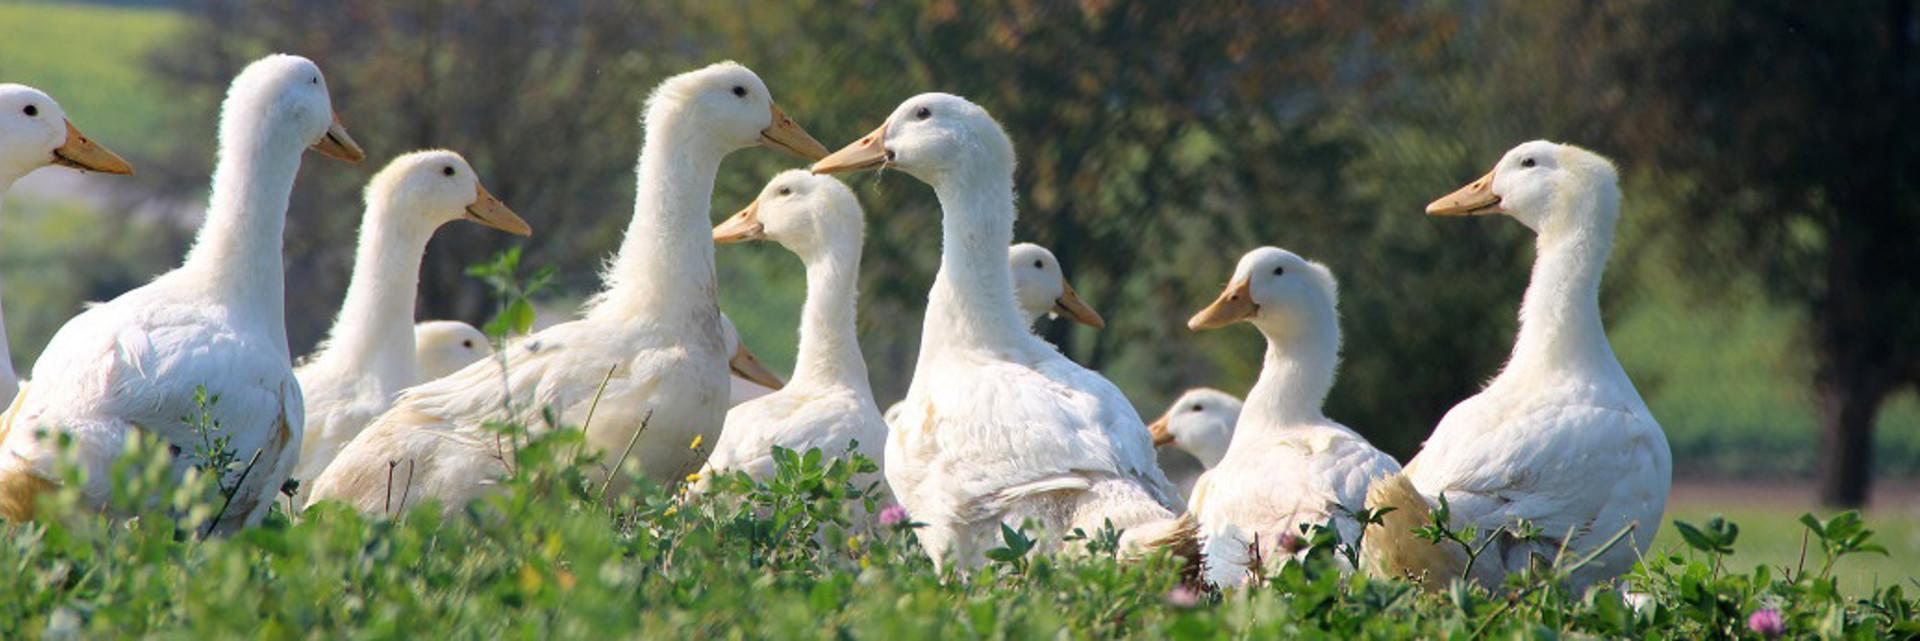 Des canards en liberté